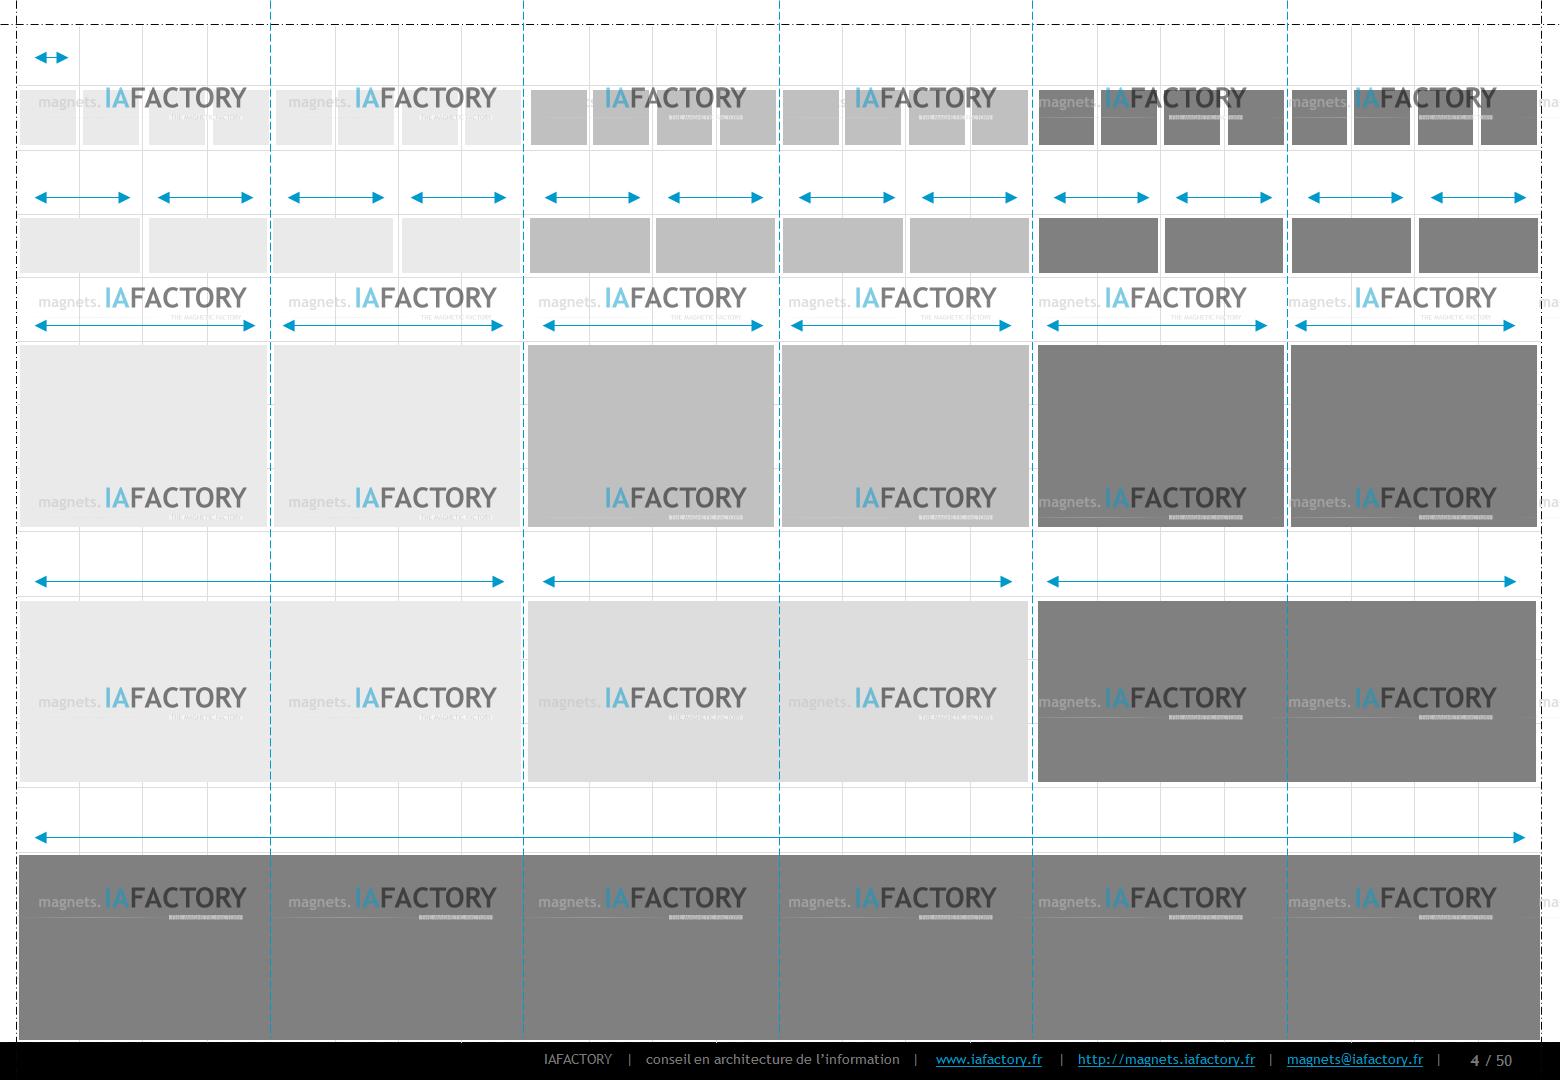 magnets.iafactory (composants d'interface utilisateur magnétisés) grille modulaire